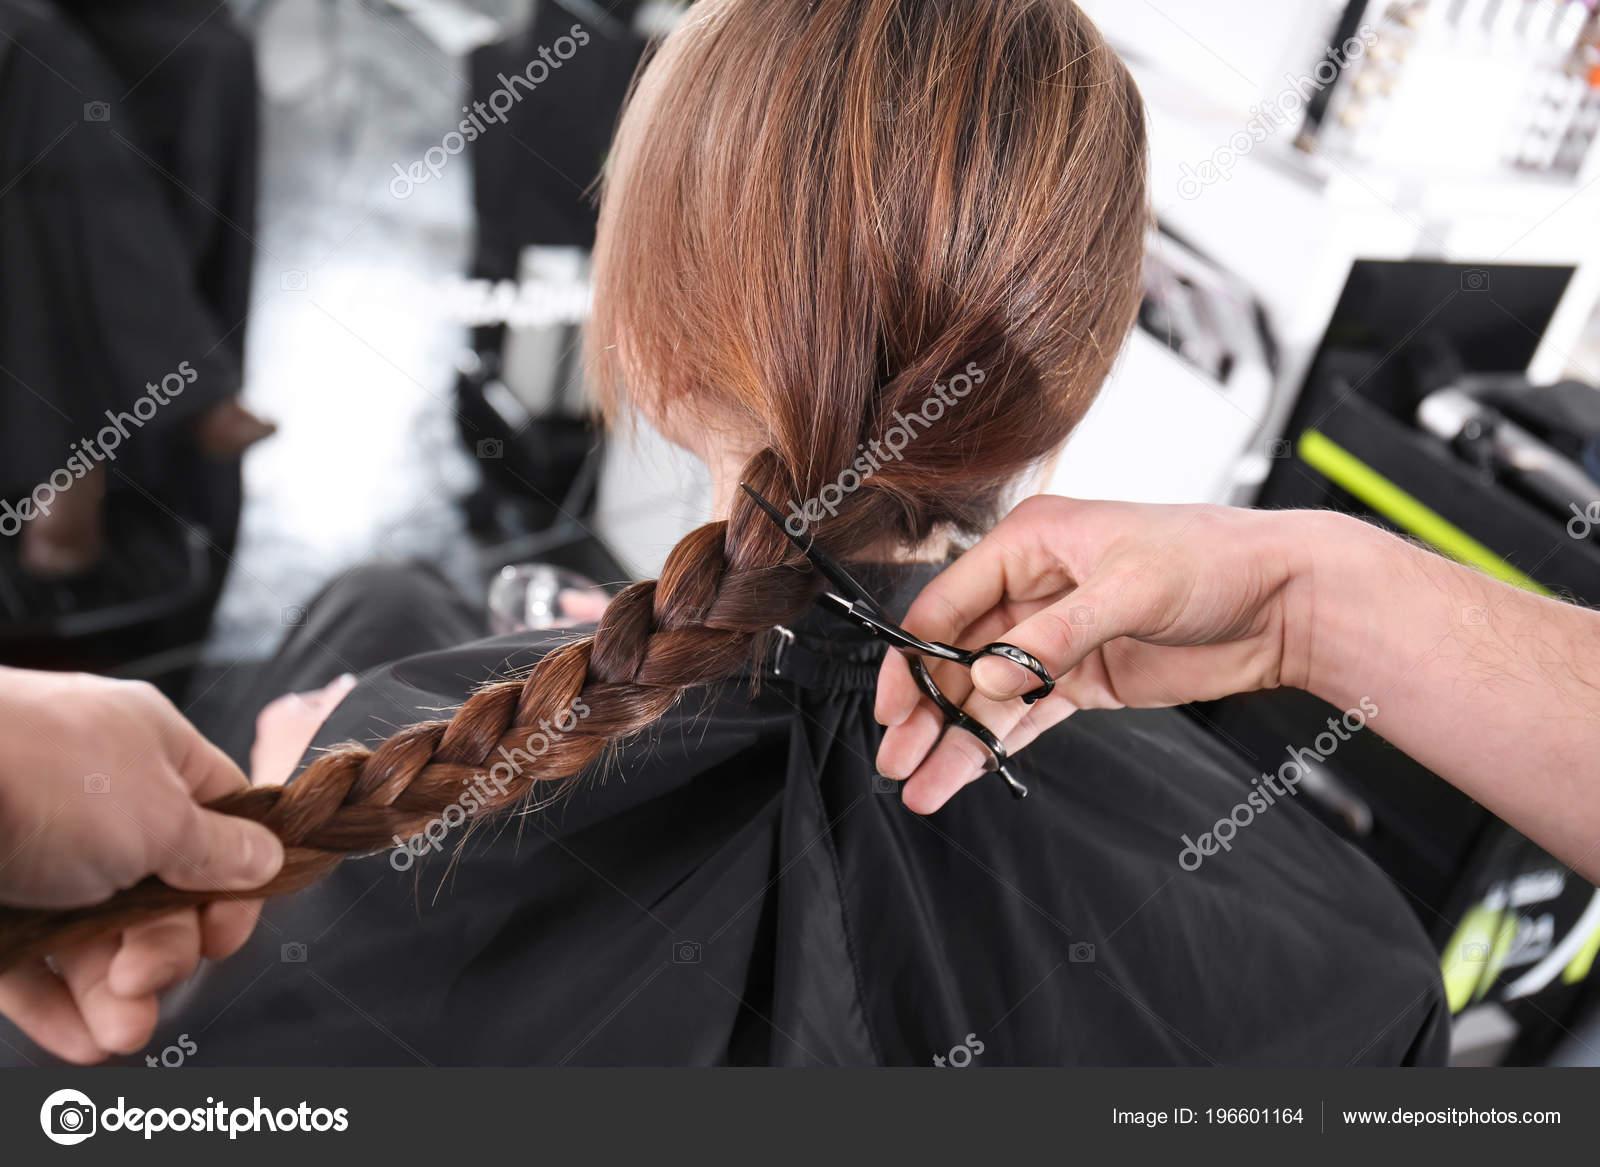 Во сне отстричь косу у подруги значит, что та девушка расстанется со своим партнером и скорее всего, причиной этому будете вы.